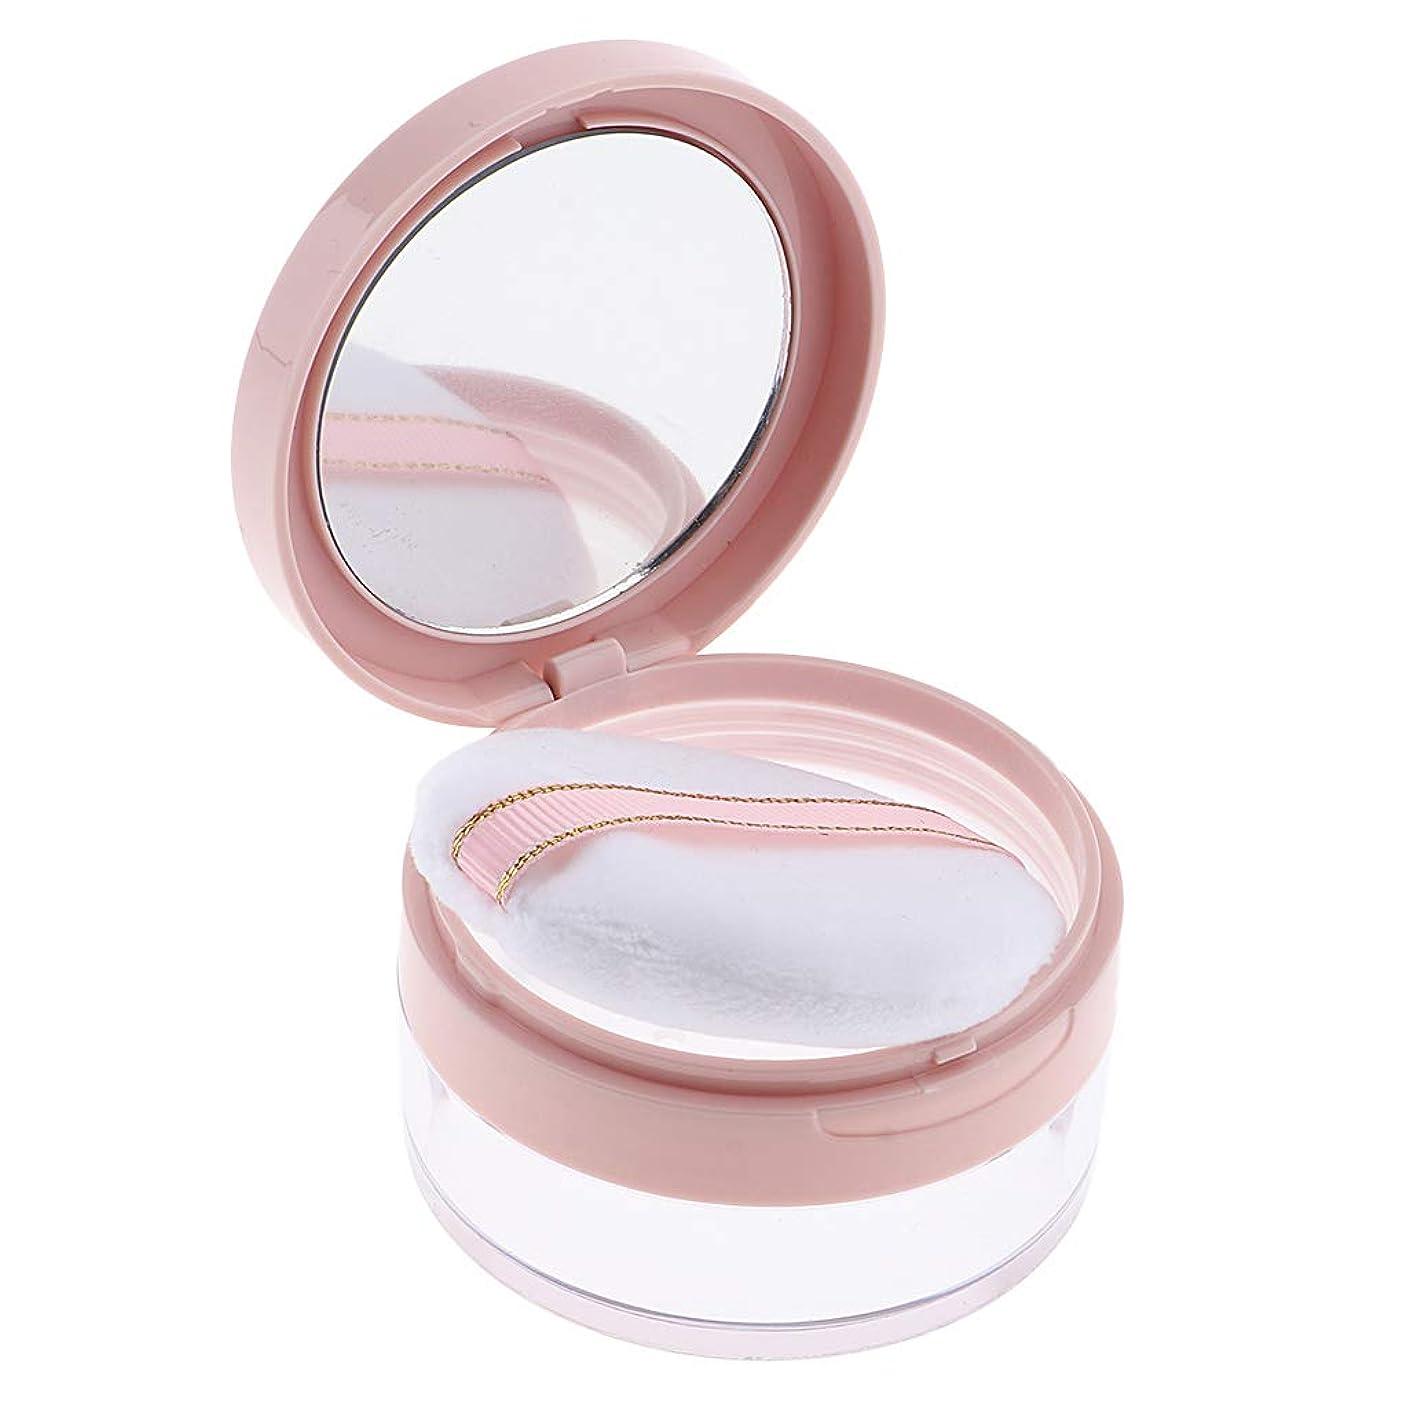 強制的スキー愛国的なF Fityle パウダーケース 化粧品 ジャー 鏡 パフ 2色選べ - ピンク